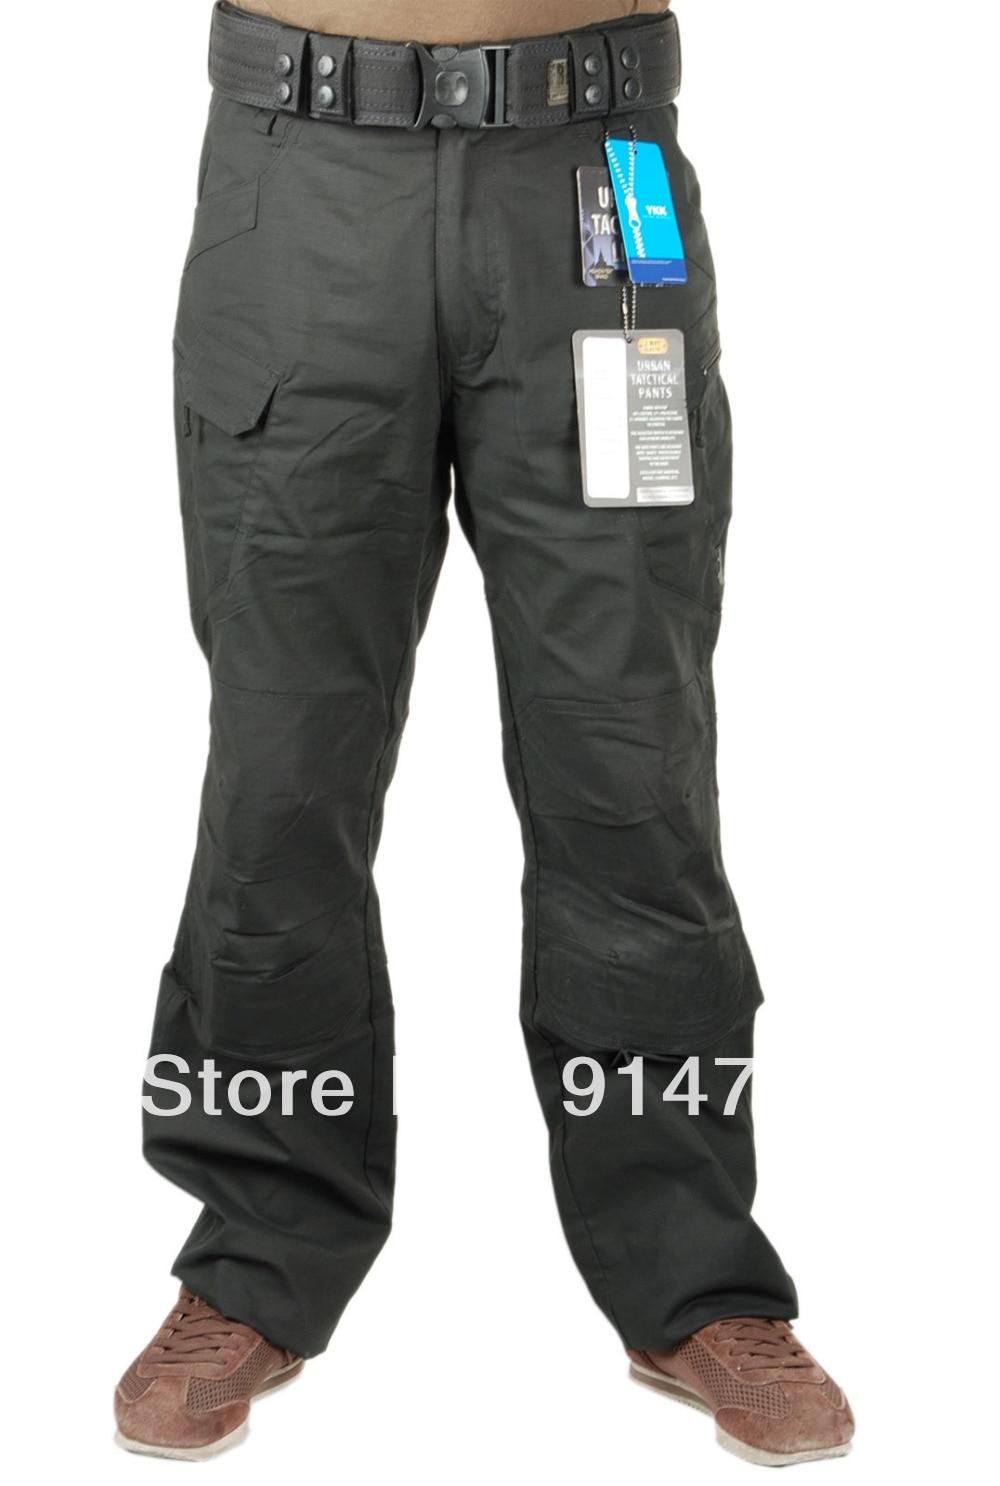 Tactical line utl夏ズボンパンツ黒でSIZES 34021  グループ上の メンズ服 からの メンズセット の中 2